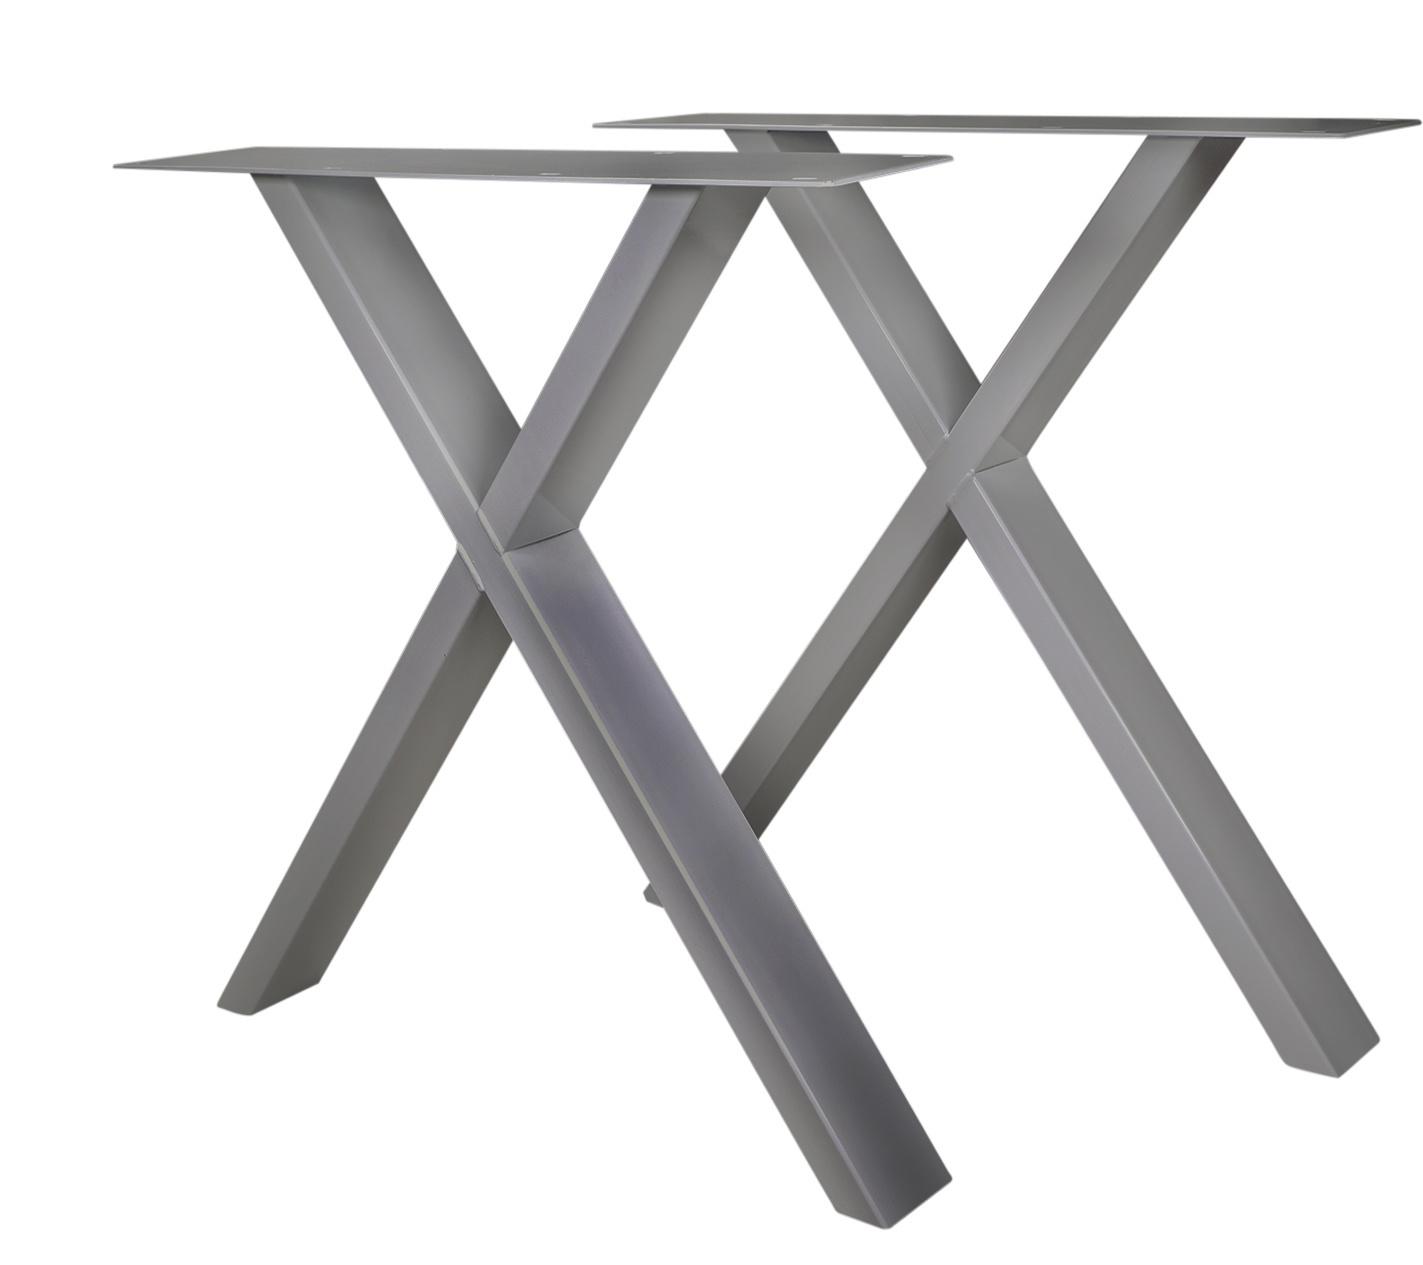 Tischbeine X Edelstahl schlank SET (2 Stück) - 2x10 cm - 78 cm breit - 72 cm hoch - X-Form Tischkufen / Tischgestell